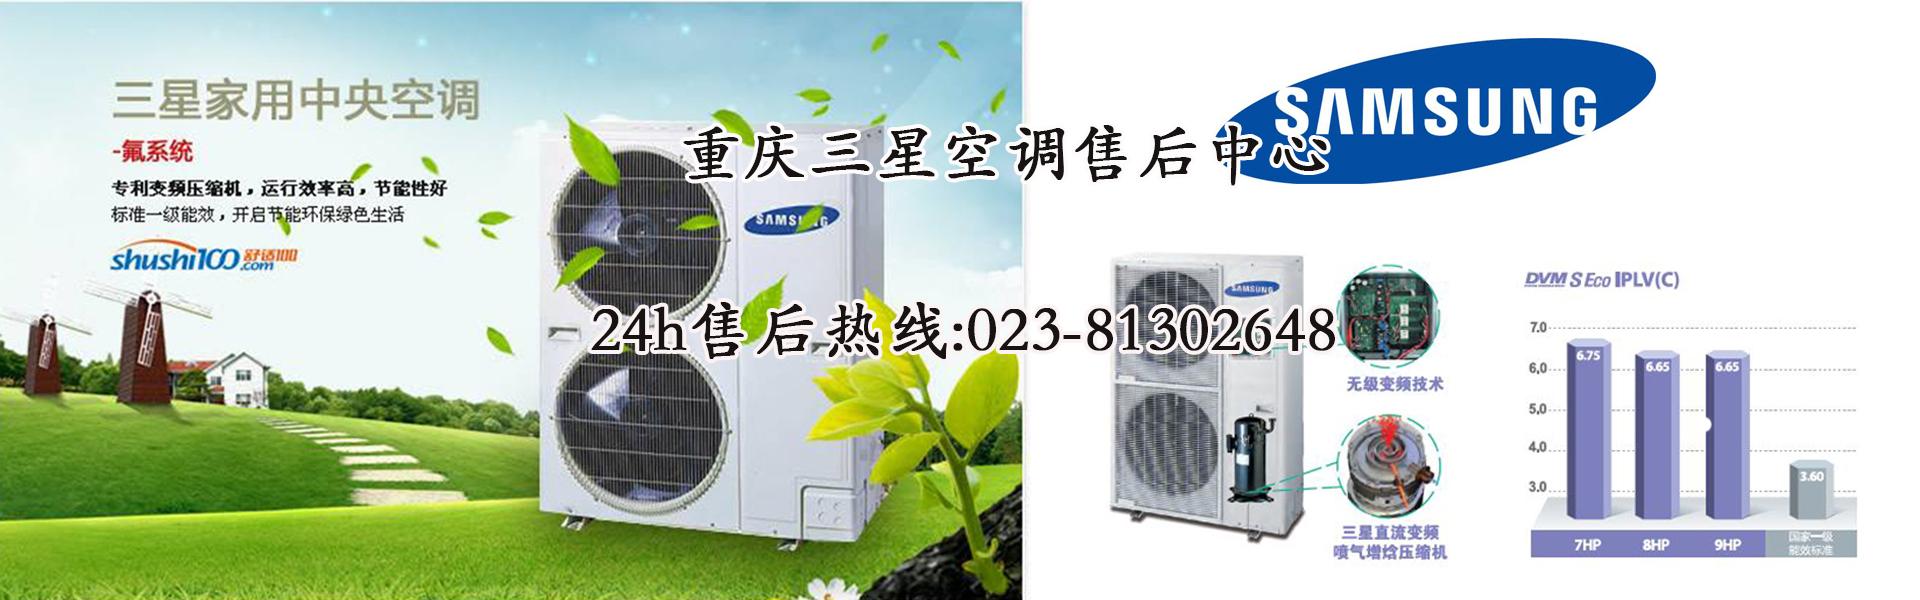 重庆三星空调售后电话号码展示平台